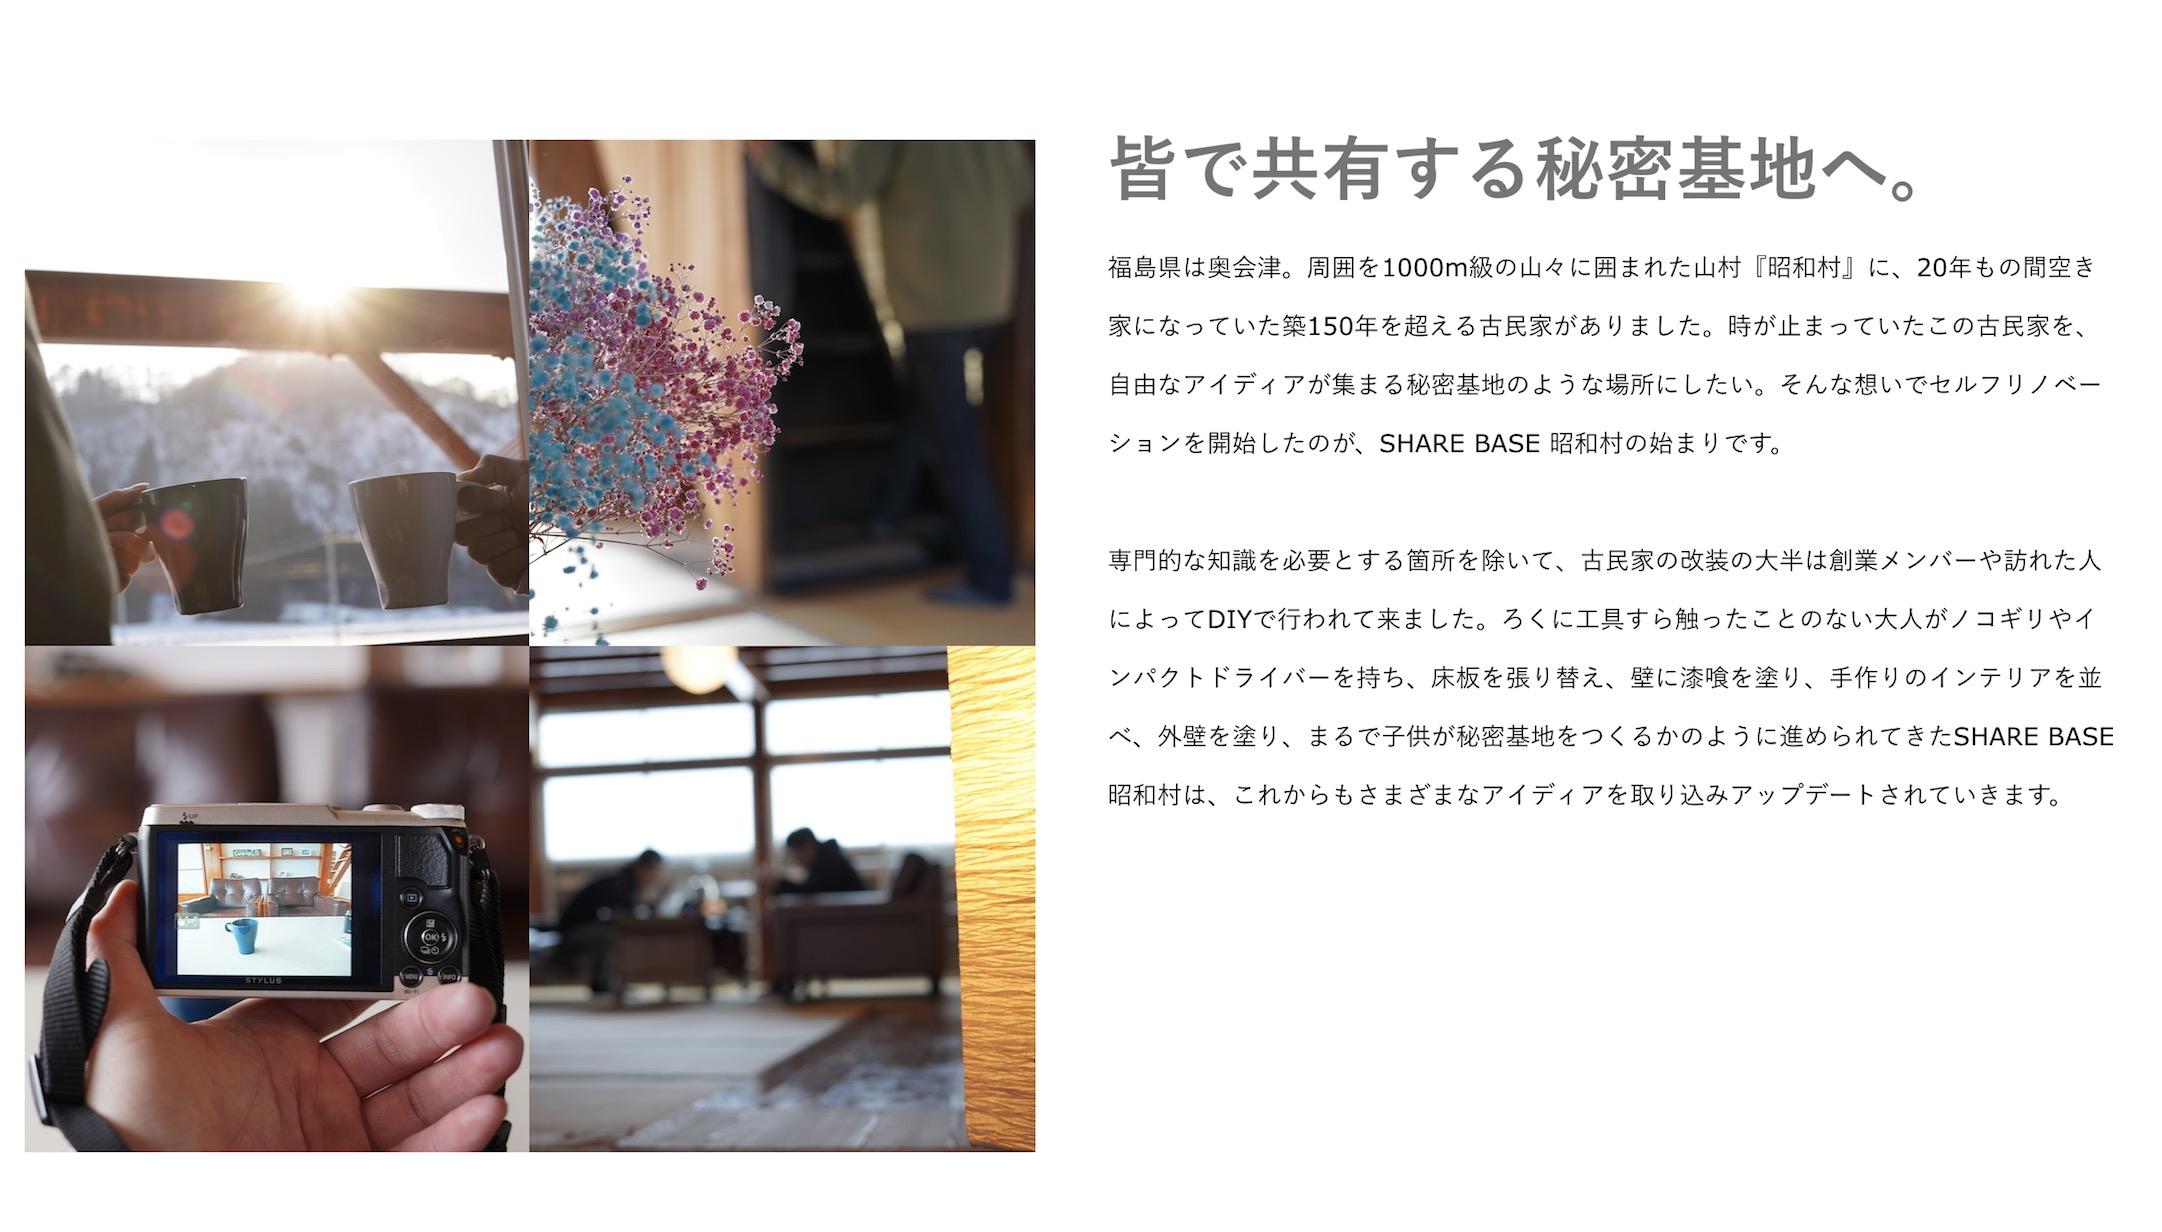 福島県昭和村の民泊施設